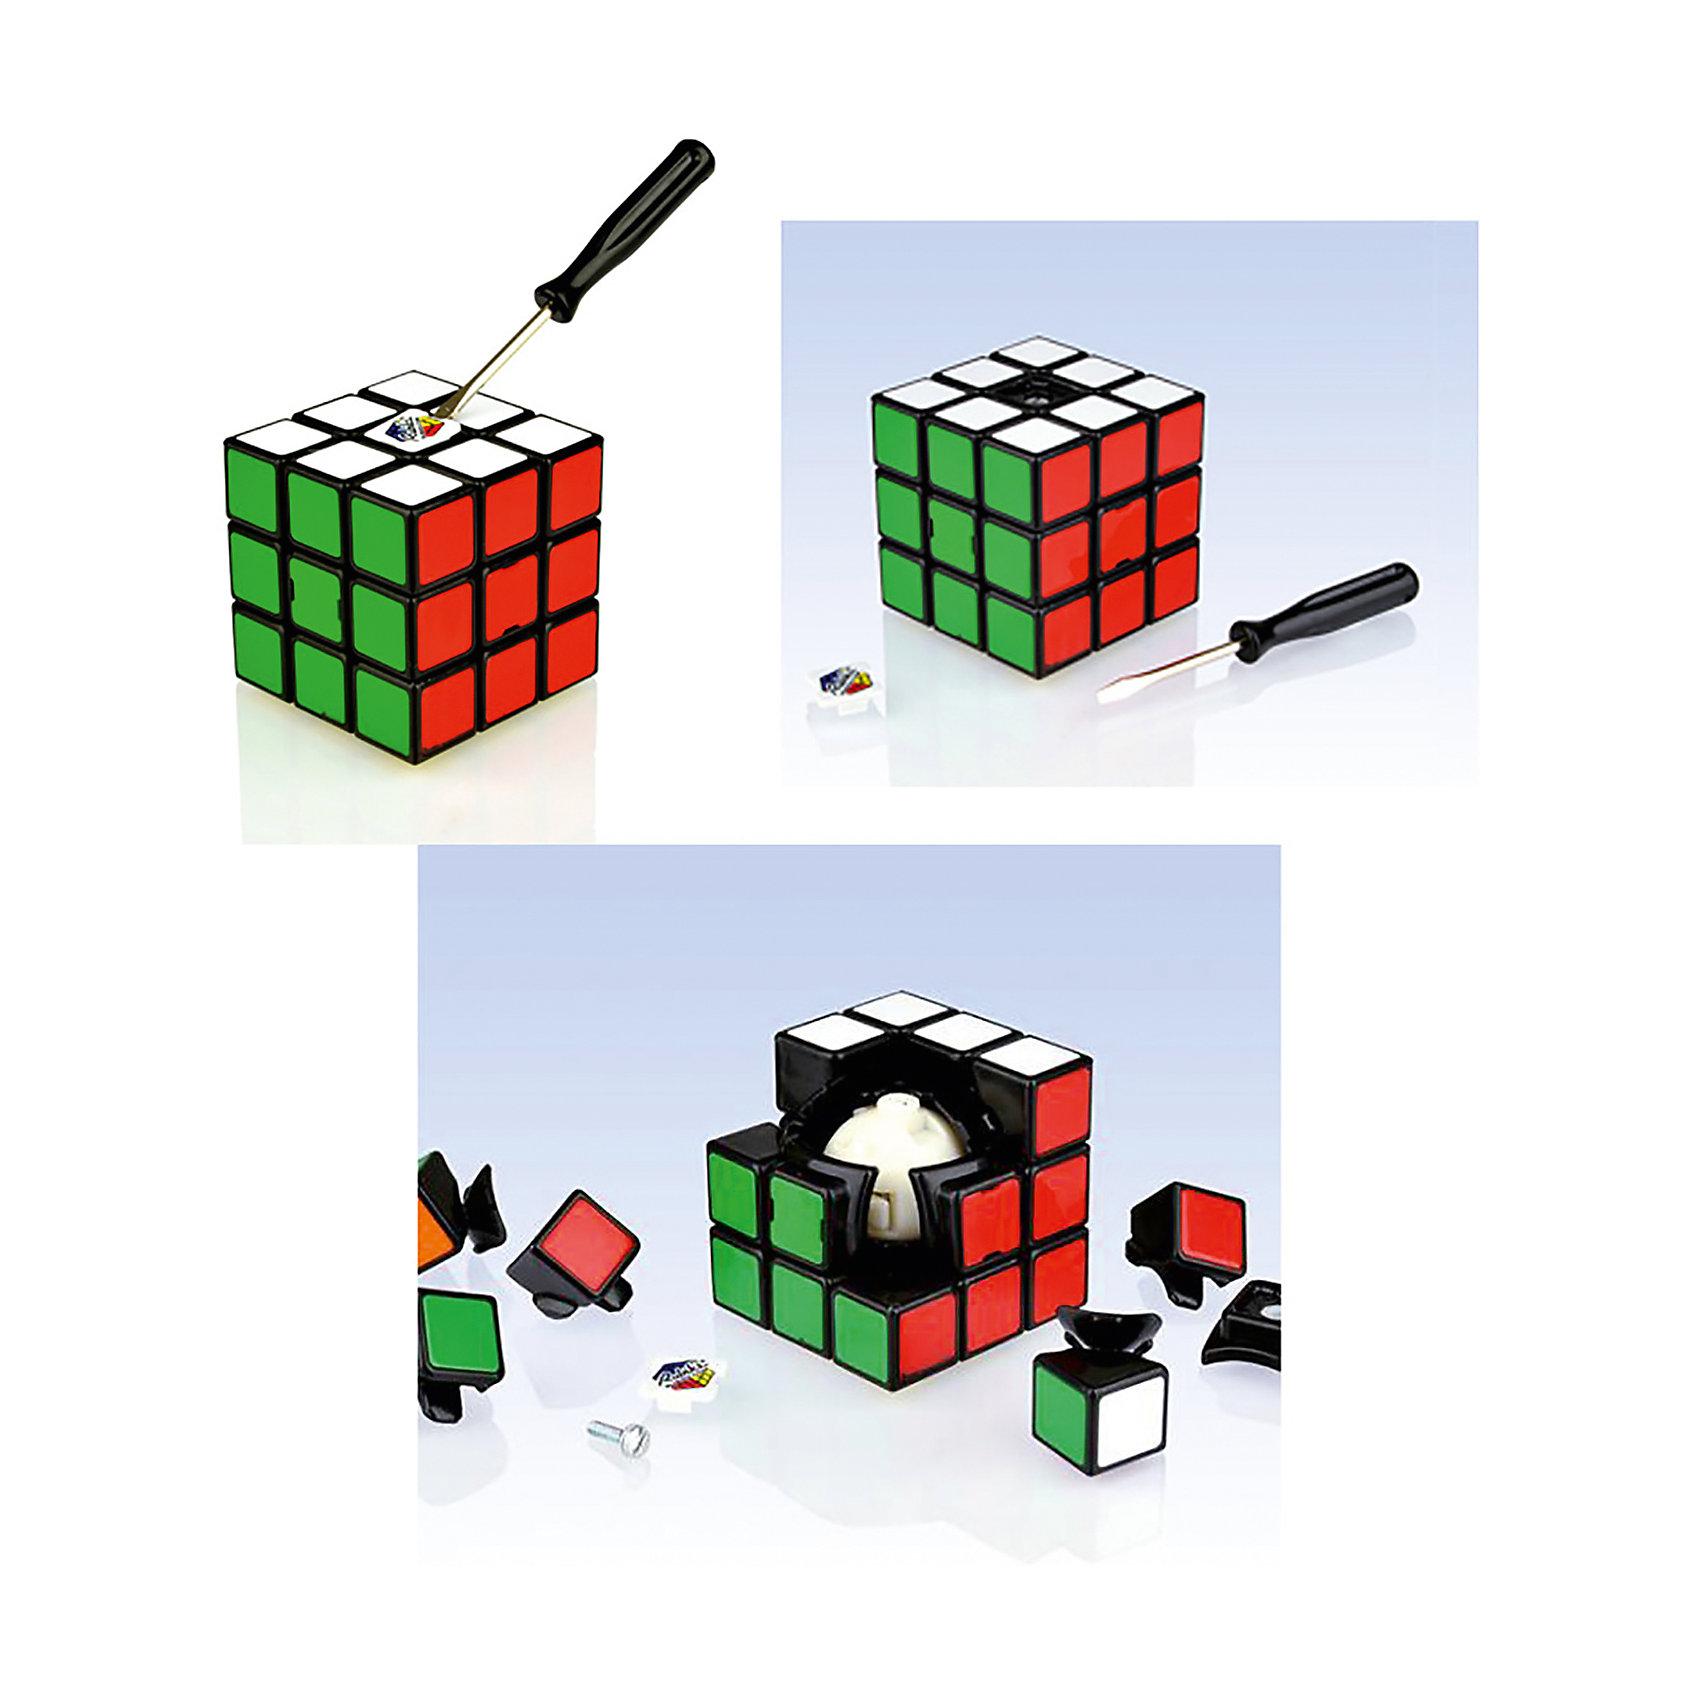 Как собрать кубик Рубика 3х3. Самая легкая инструкция по